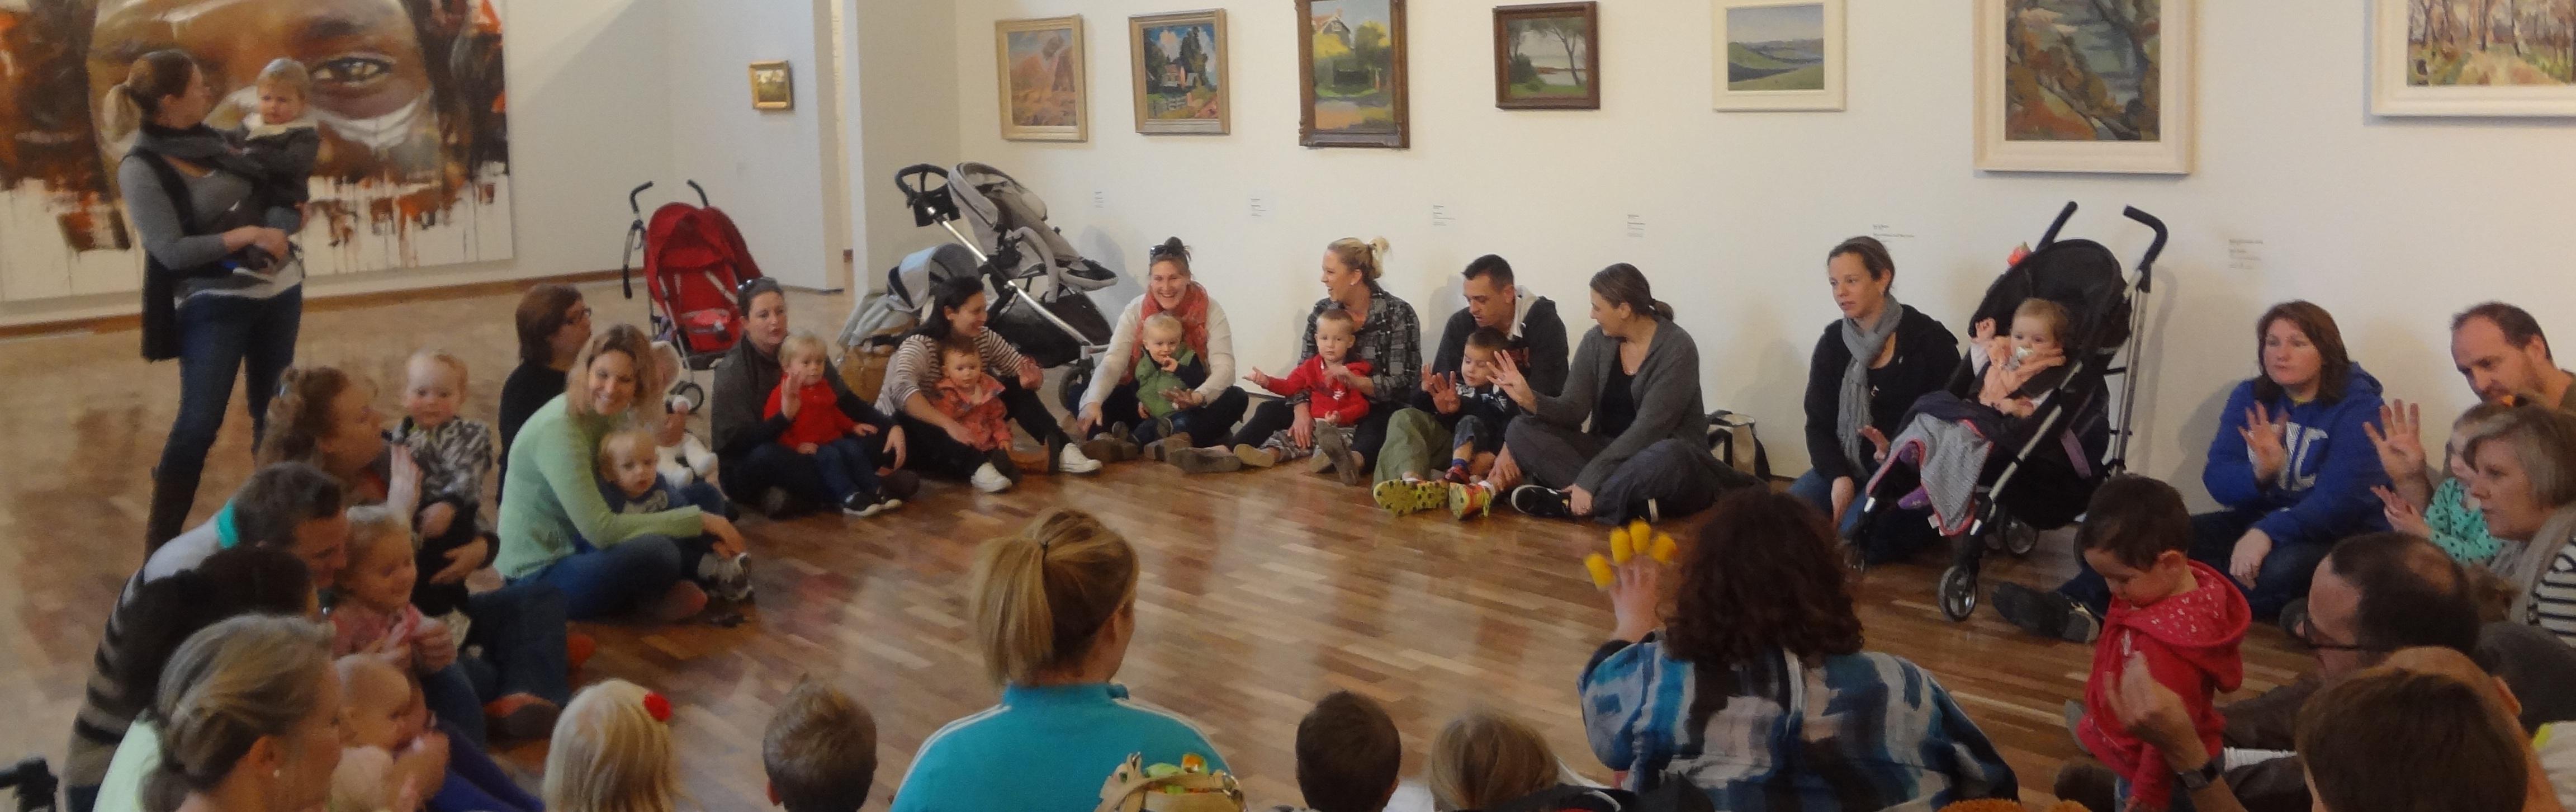 Benalla PEEP song time on a special visit to Benalla Art Gallery